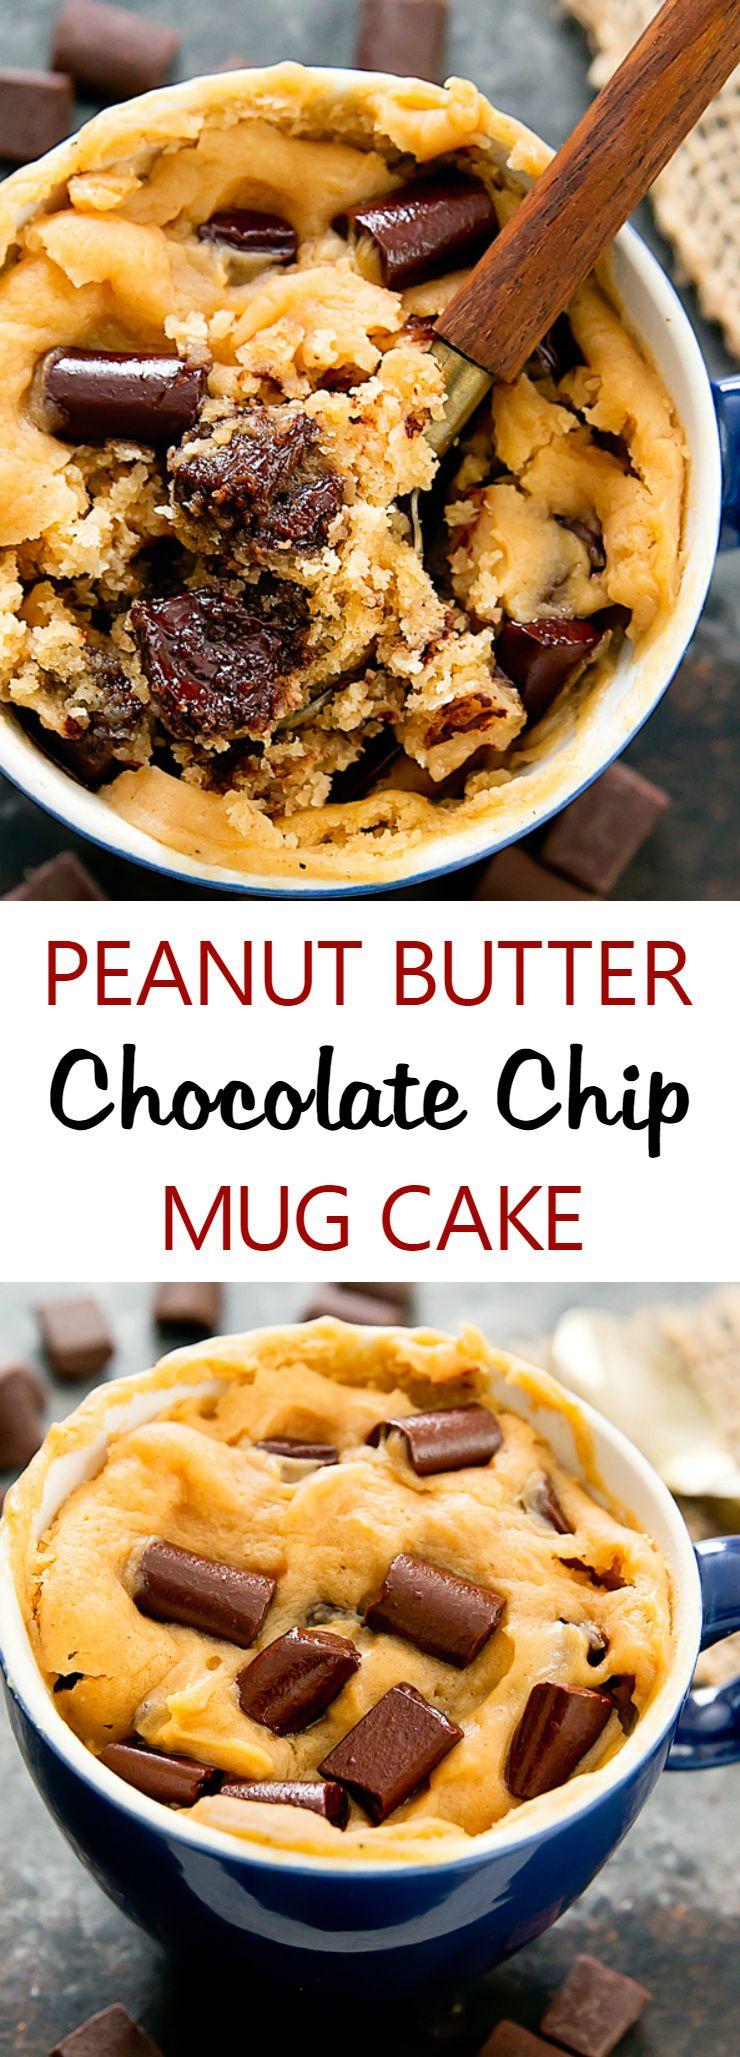 Melting chocolate mug cake